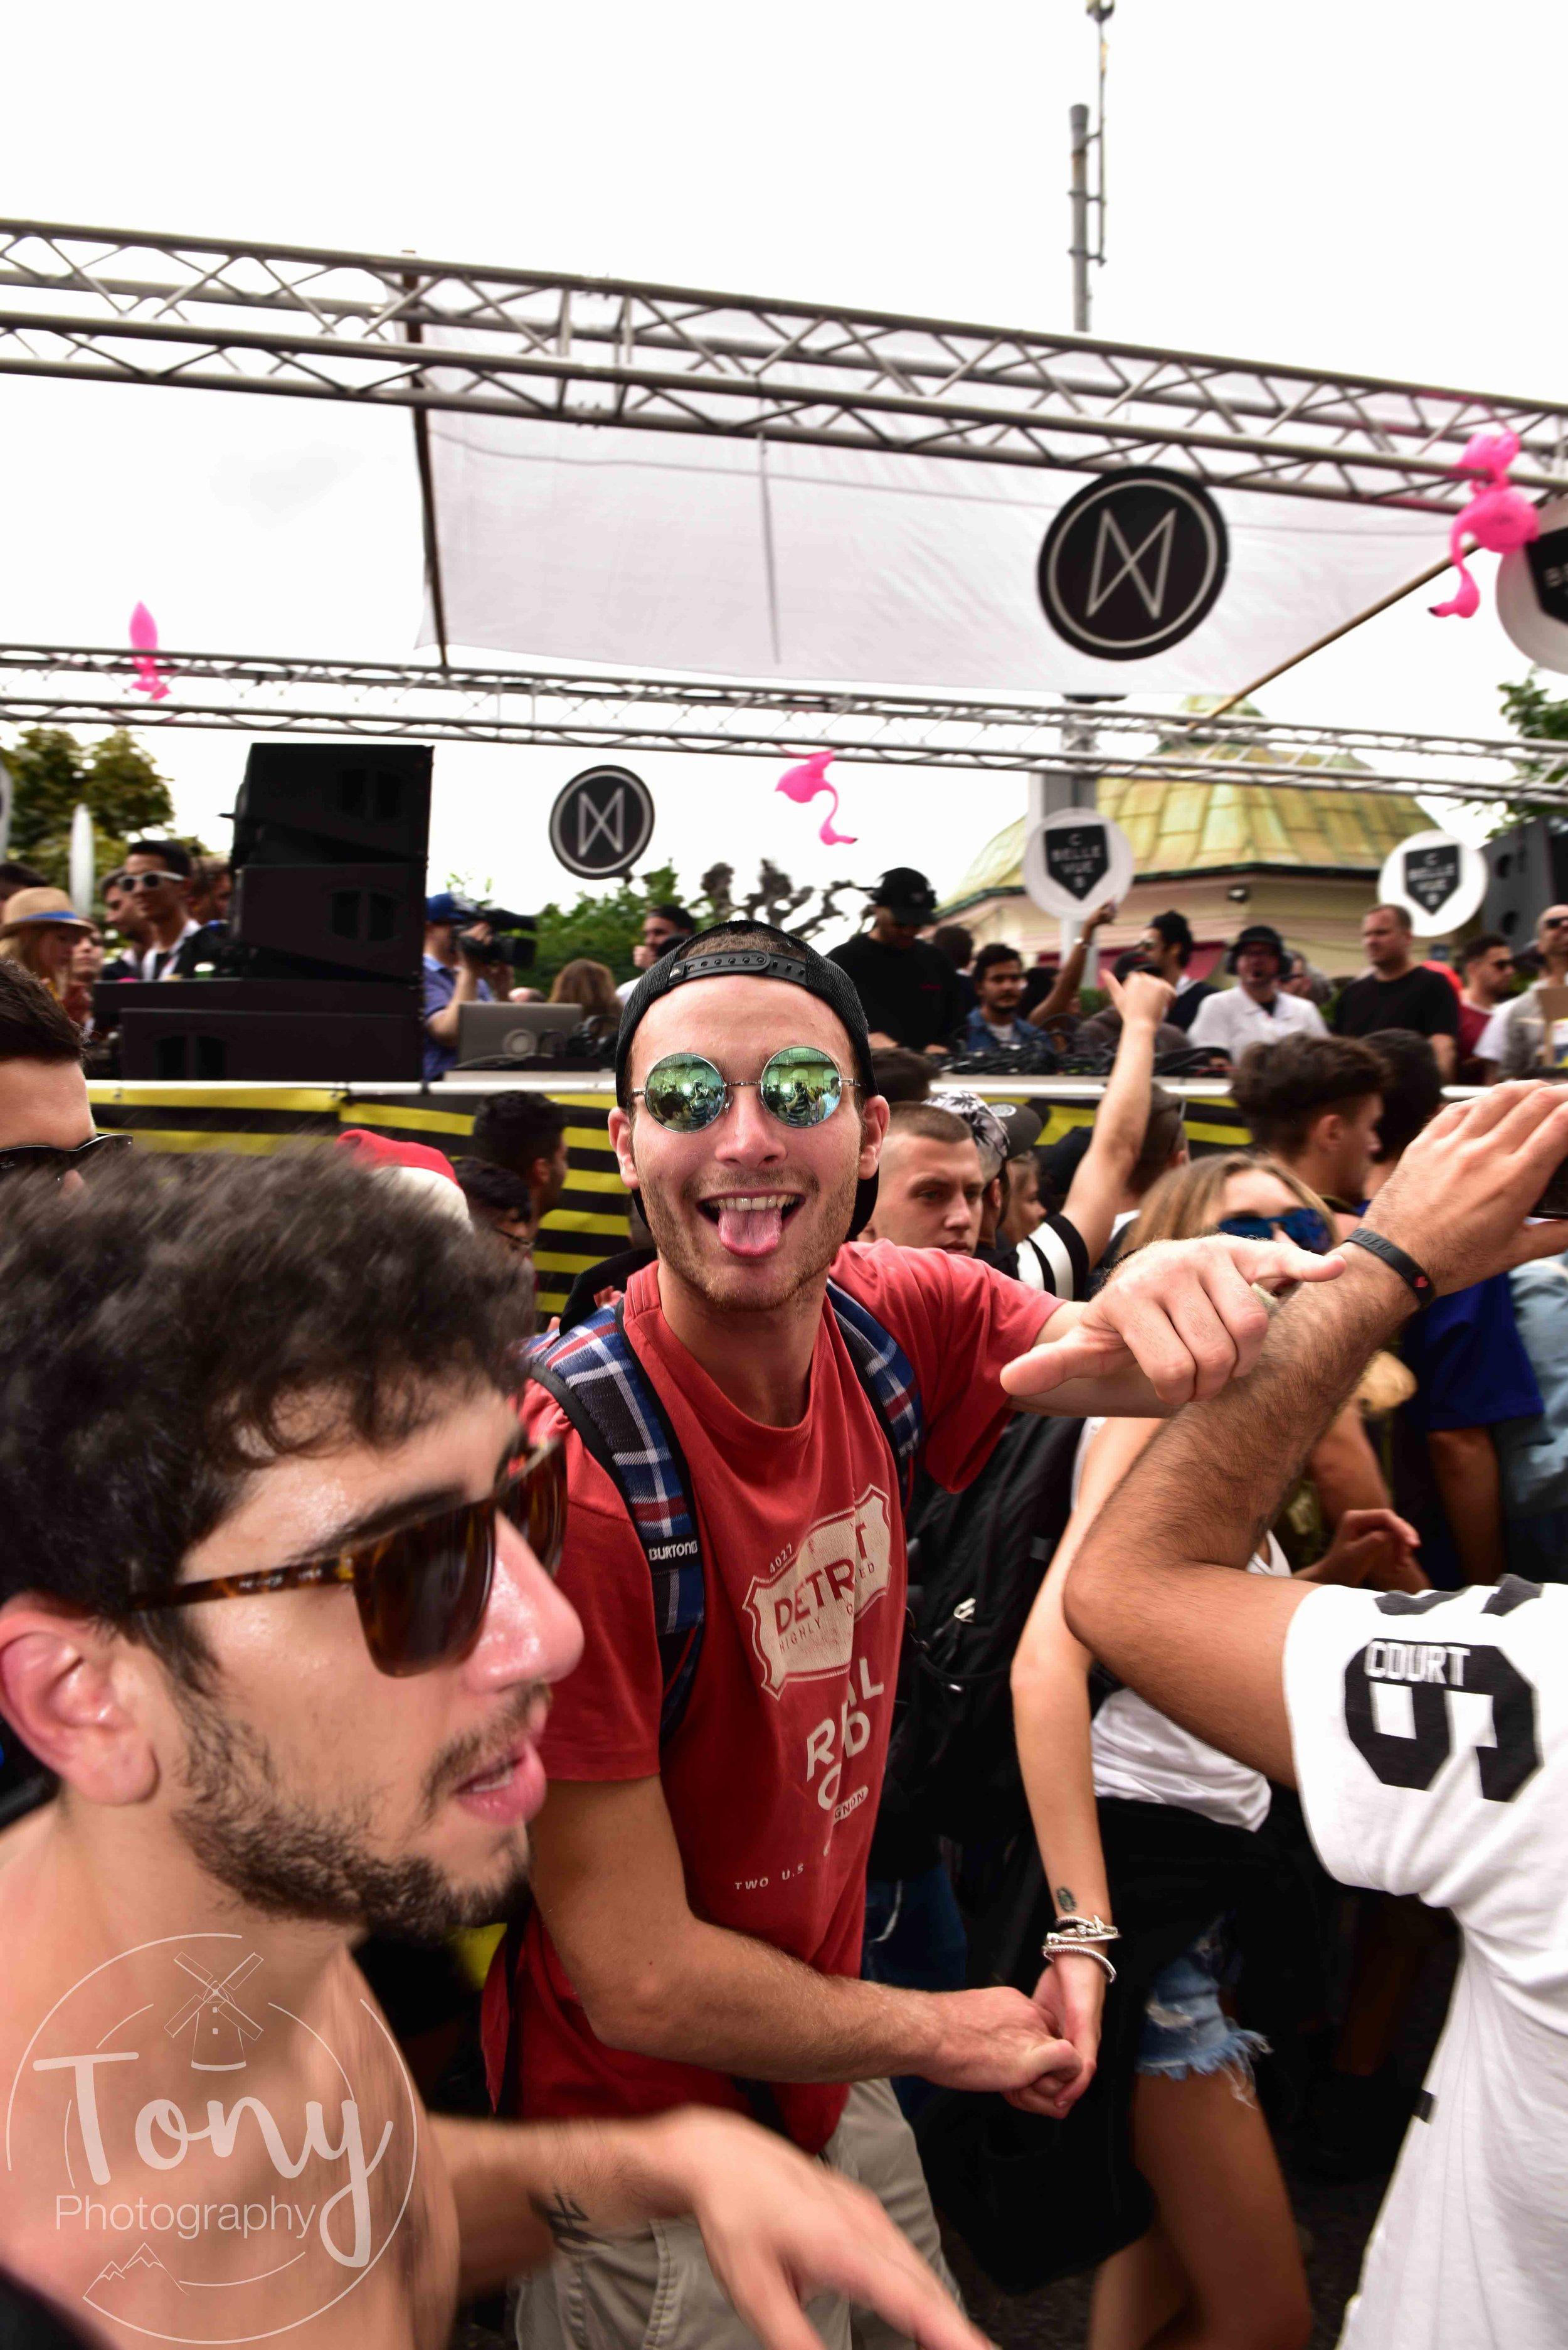 streetparade-70.jpg